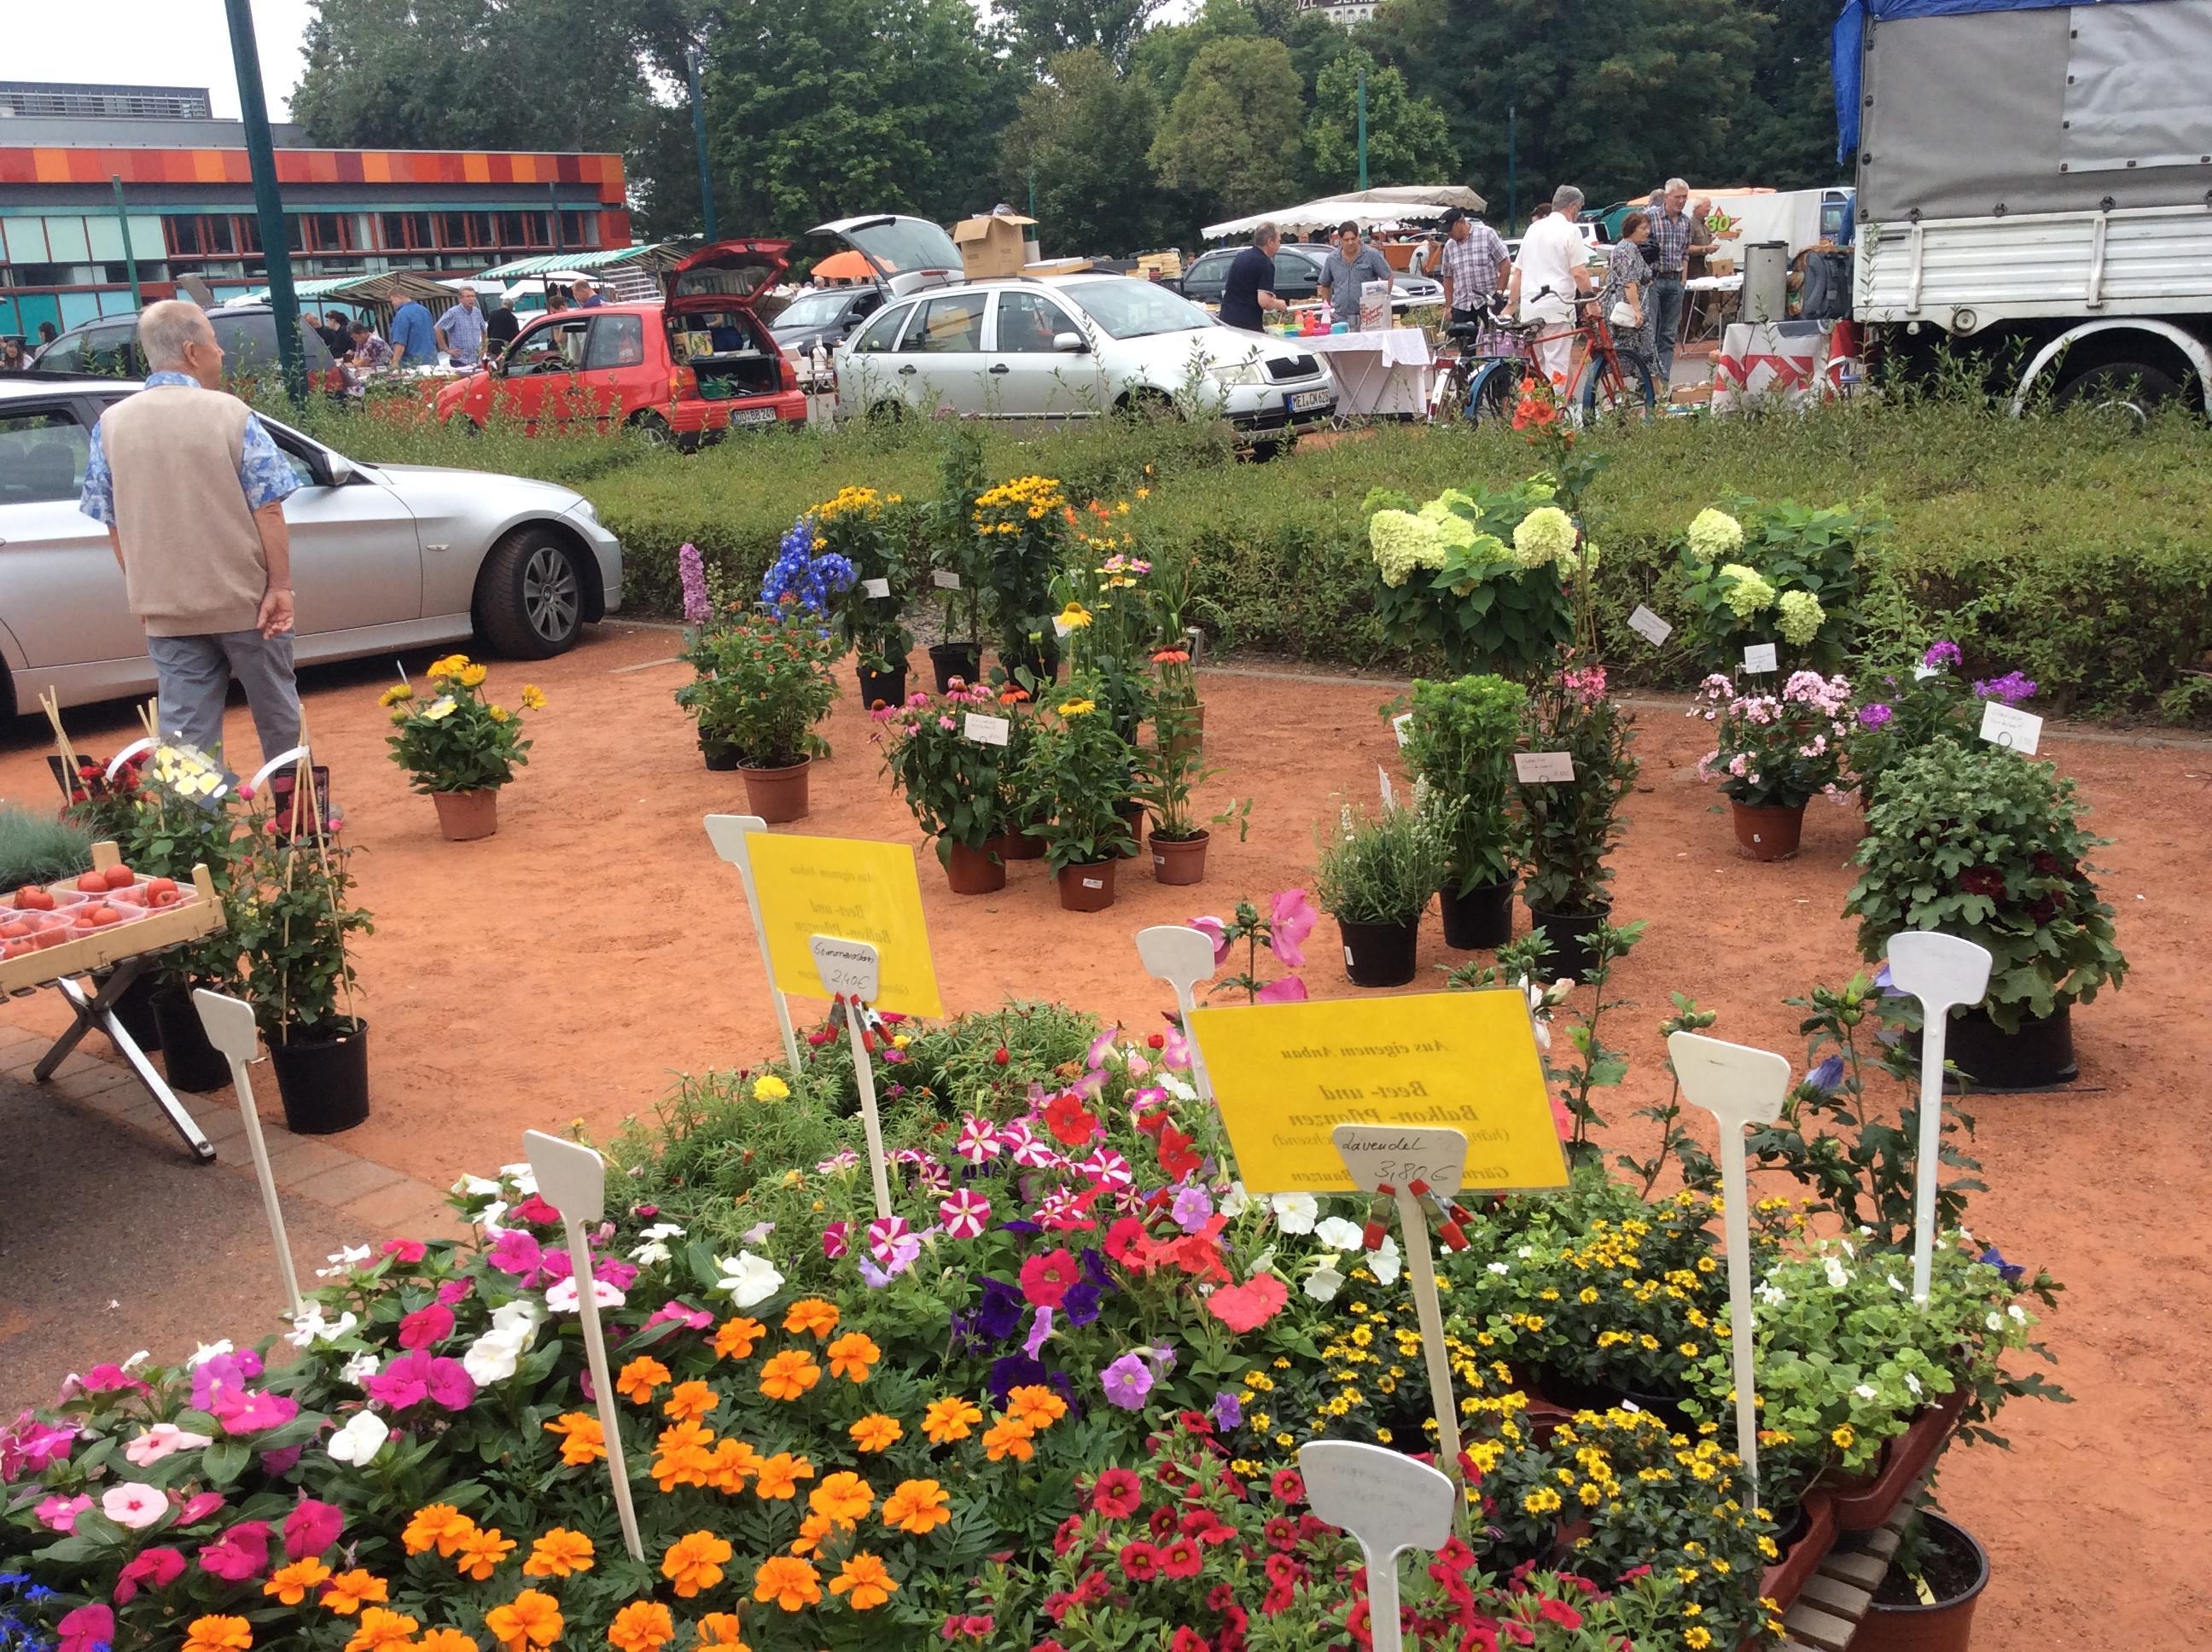 Pflanzen und Gartenmarkt zum Kunst Antik und